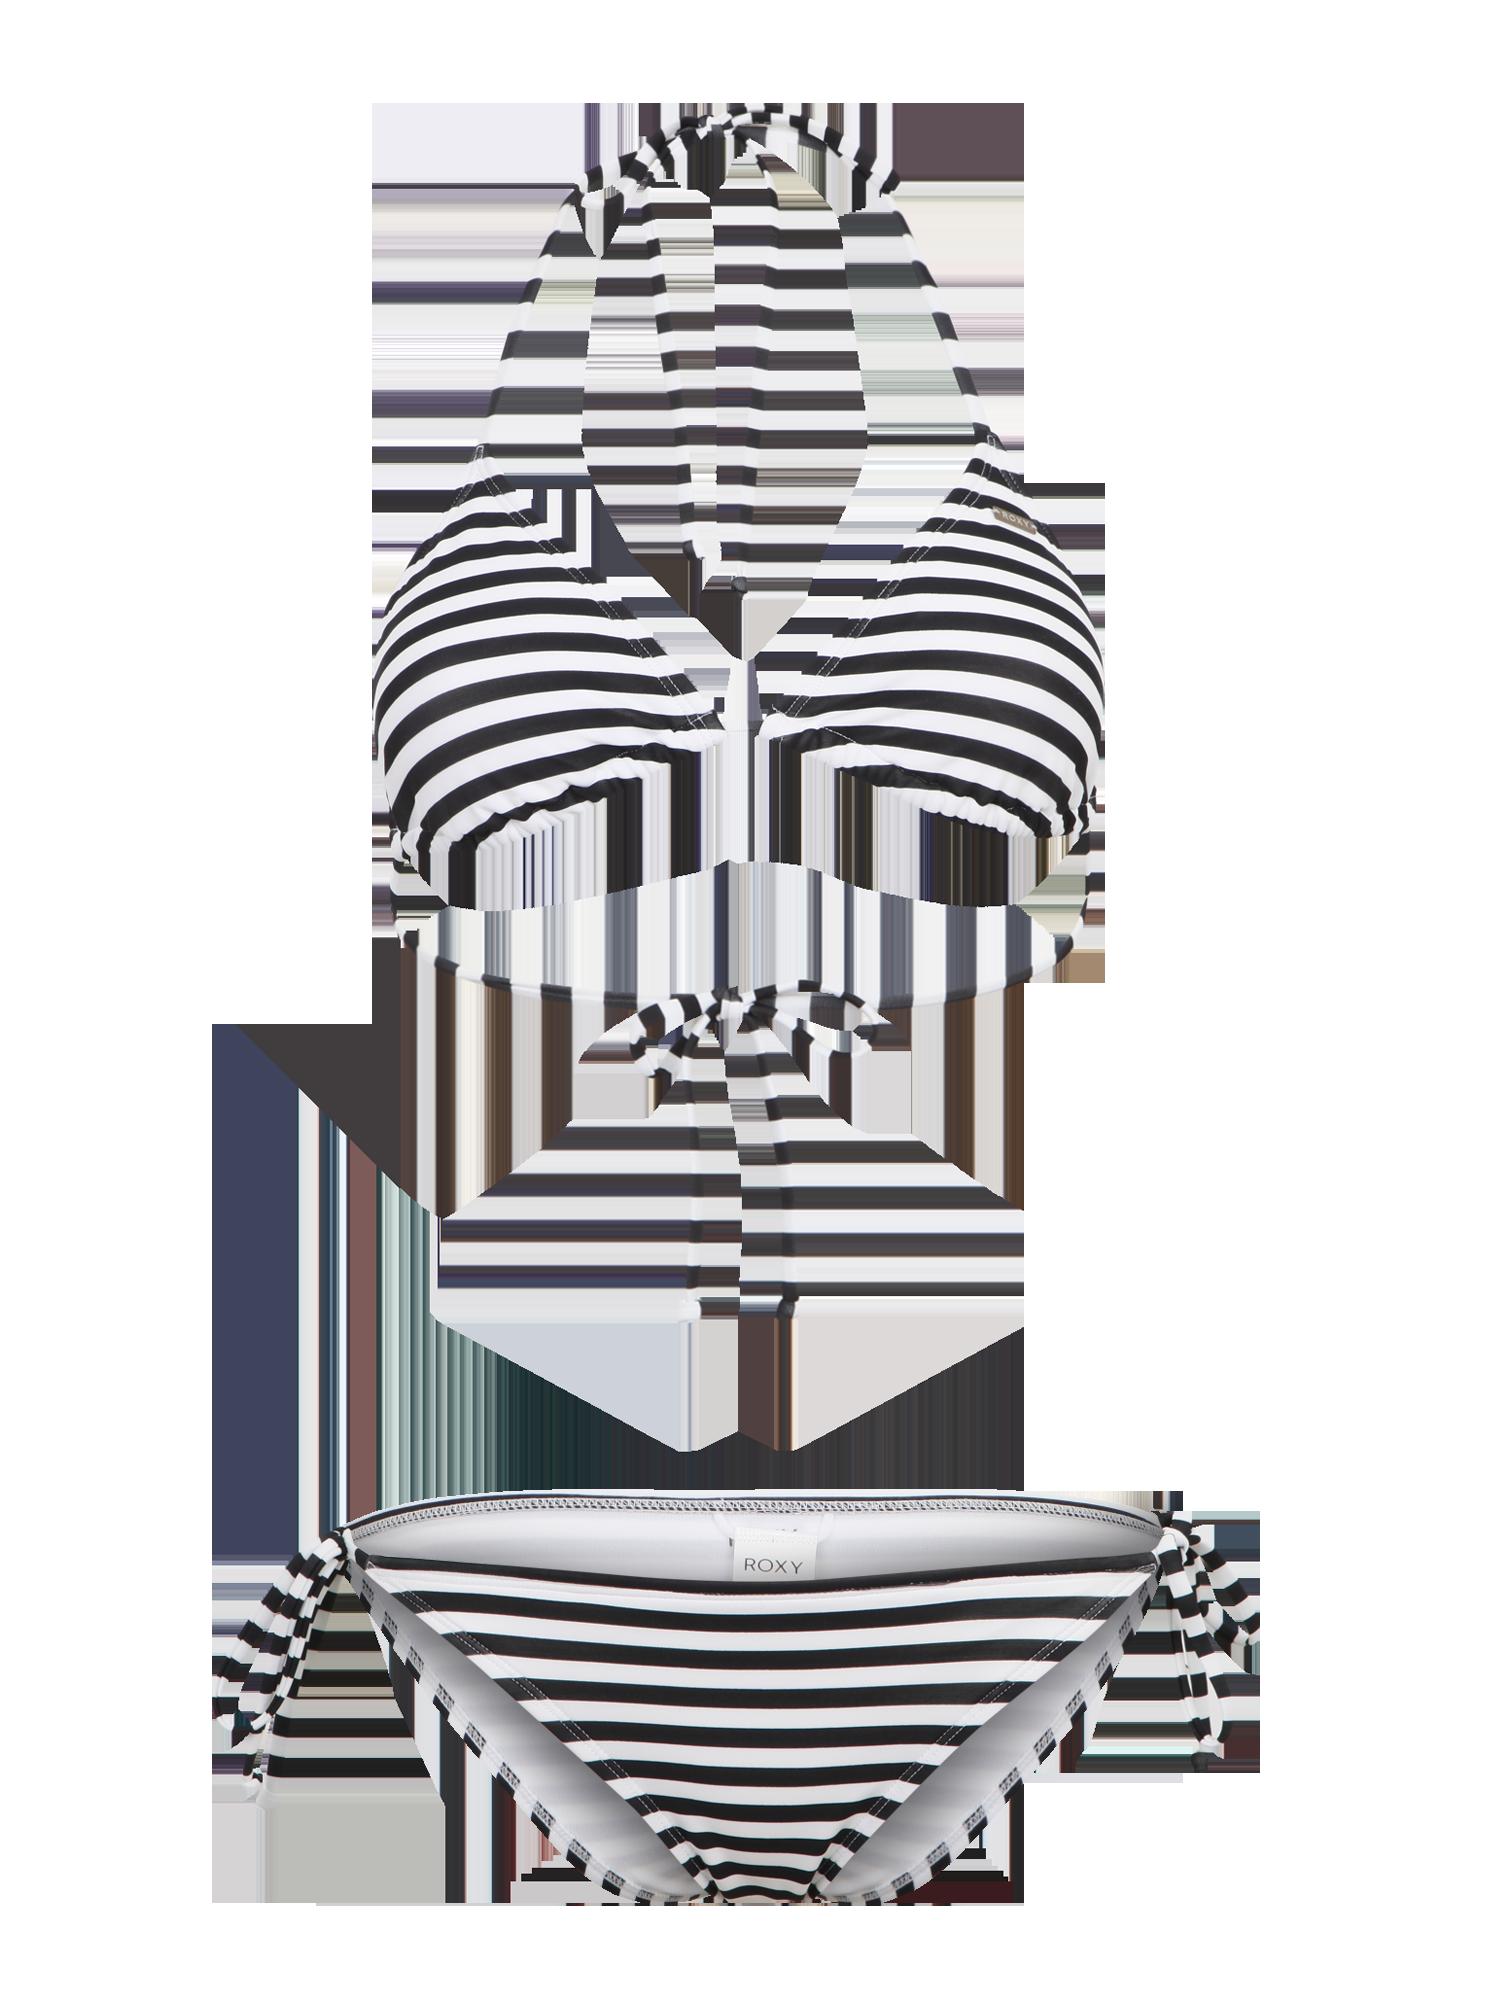 5c6d4e572167a Bikini schwarz weiß gestreift - ´Flow´ - BH-/Bikini-Typ: Triangel; Bügel:  Ohne Bügel; Muster: Gestreift; Schale: Weiche Schalen/ungepolstert; ...